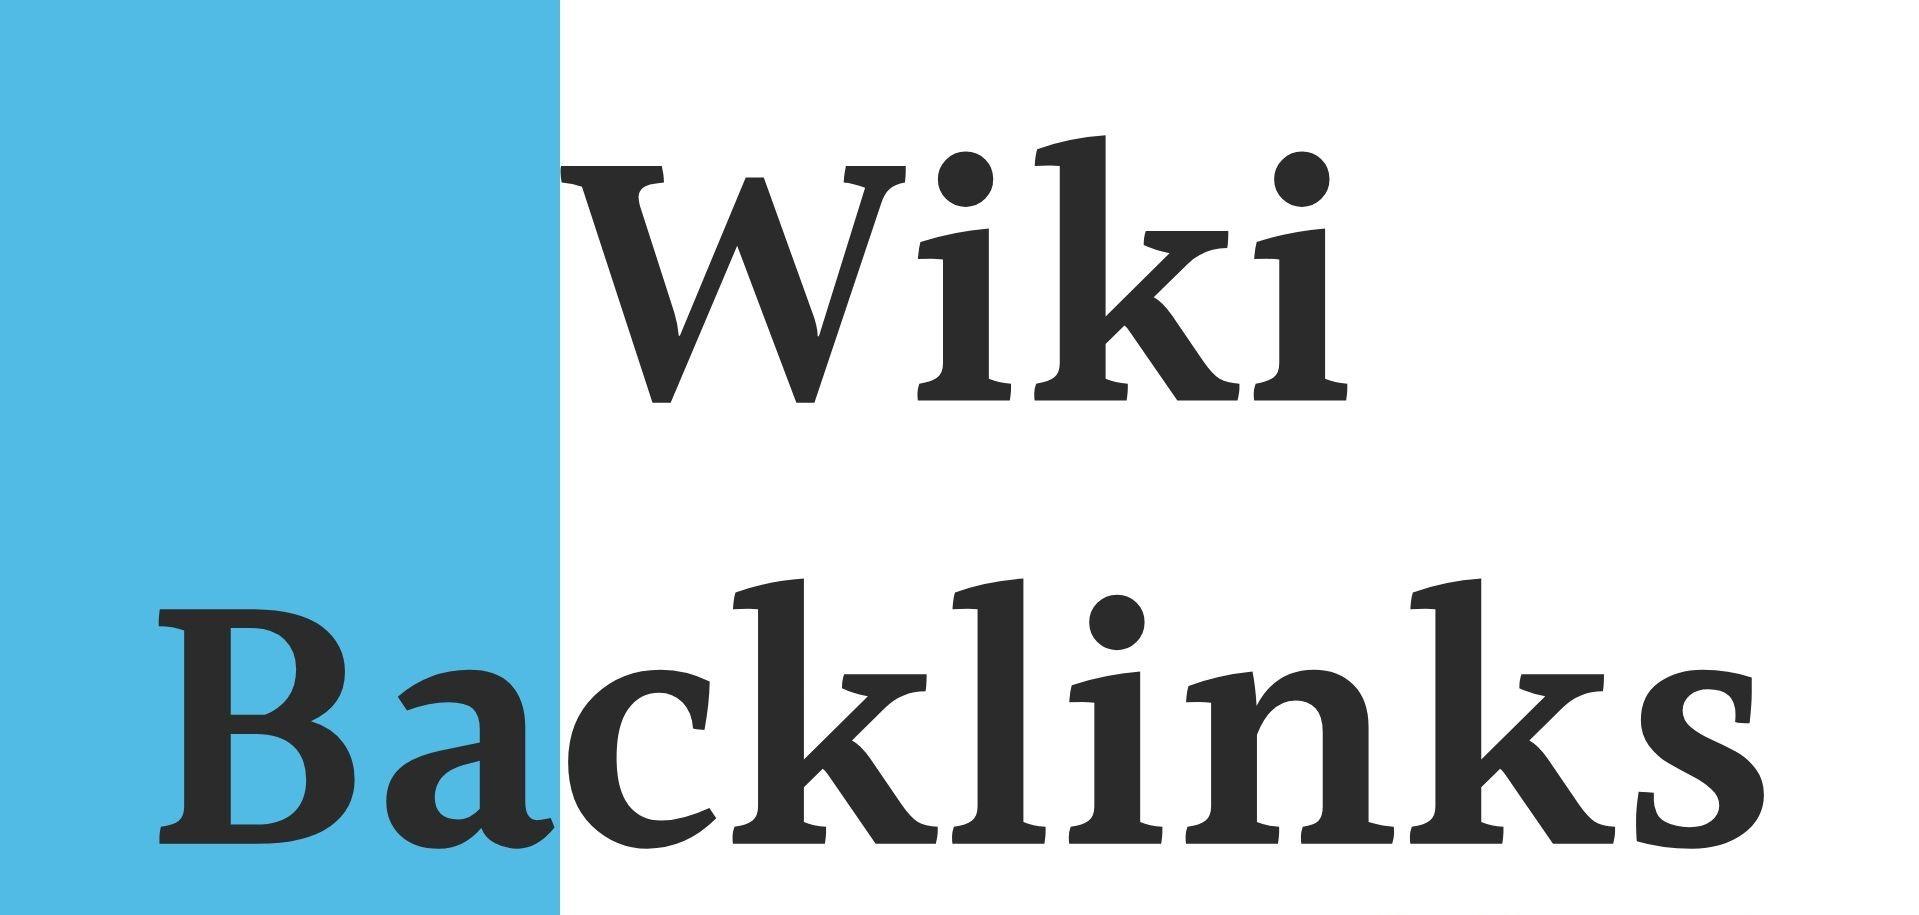 High quality 30 wiki backlinks